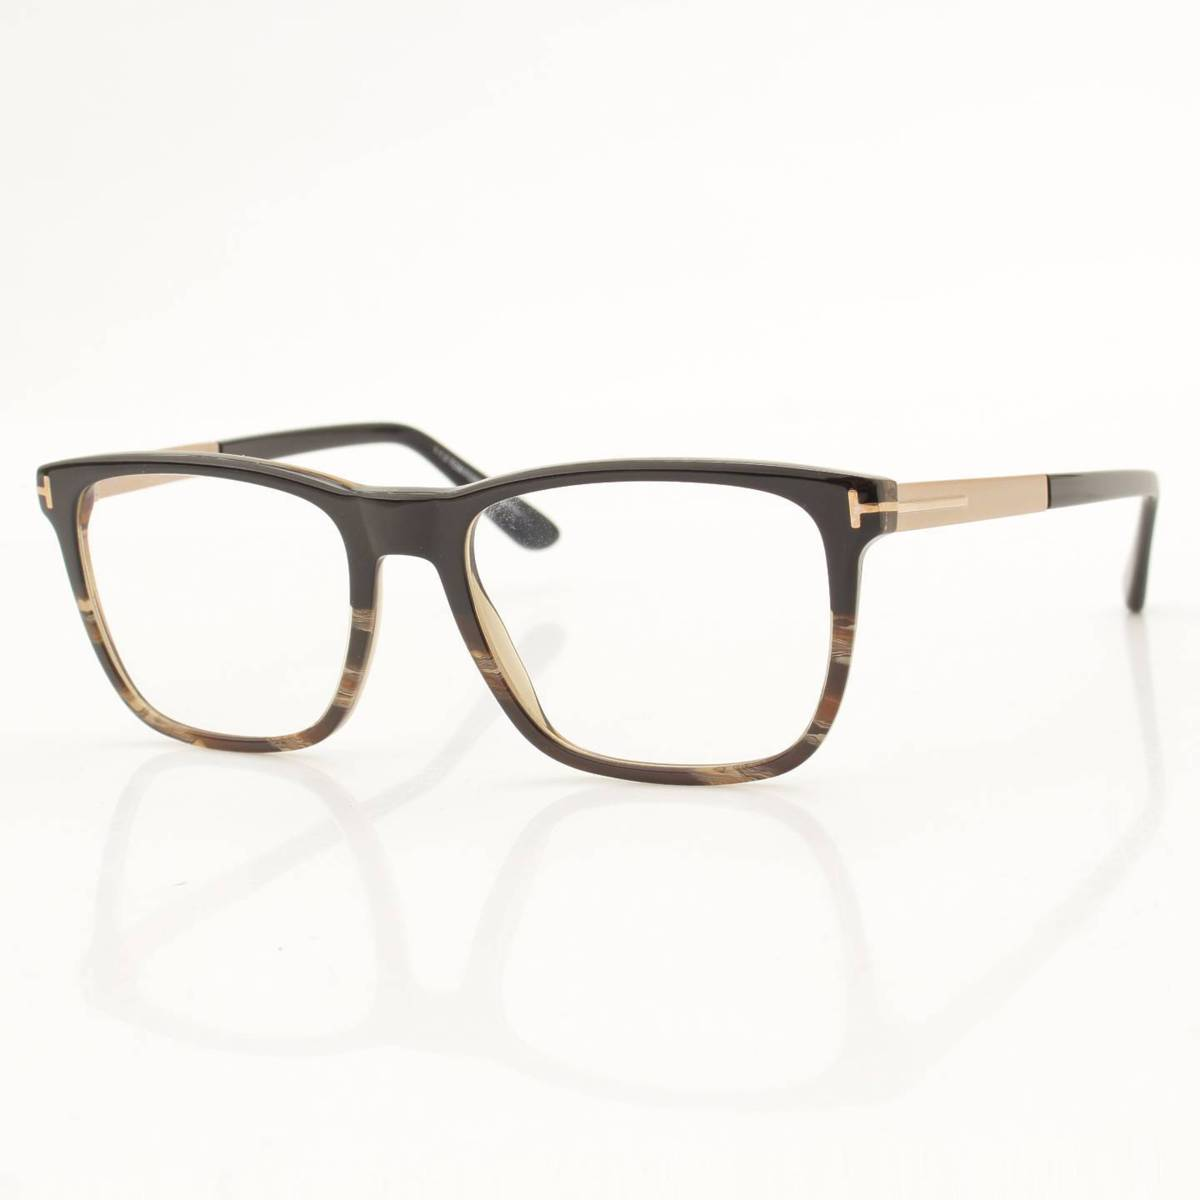 【トムフォード アイウェア】Tom Ford Eyewear 眼鏡 マーブルフレーム メガネ ブラック 【中古】【鑑定済・正規品保証】84303